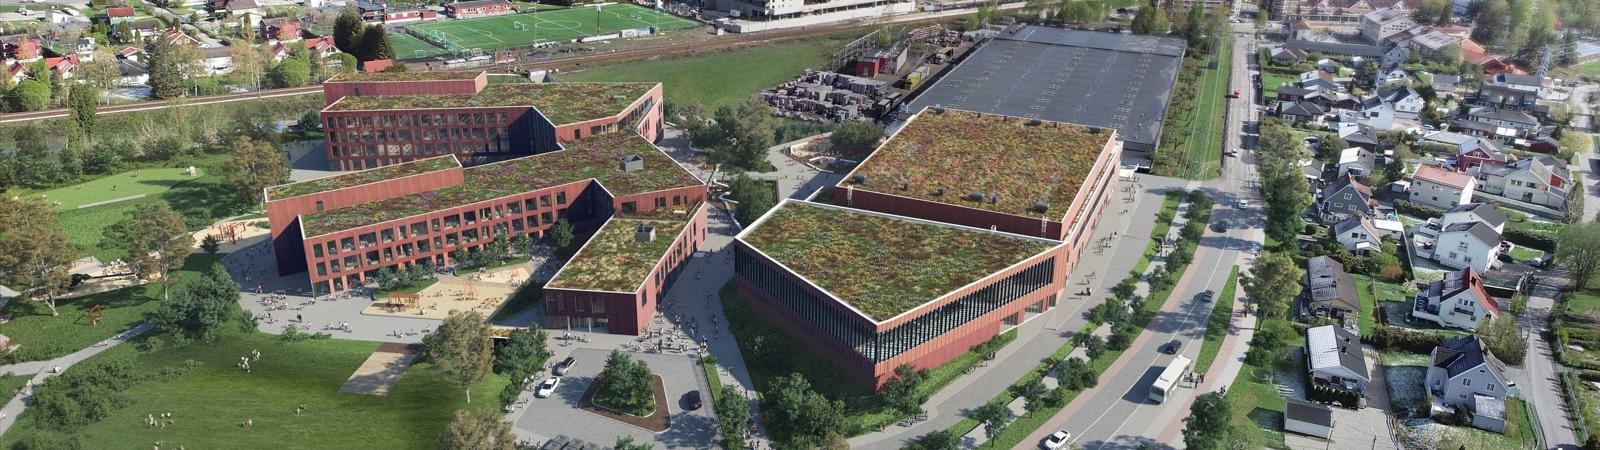 Fjellhamar aerial photo - Godt Naboskap